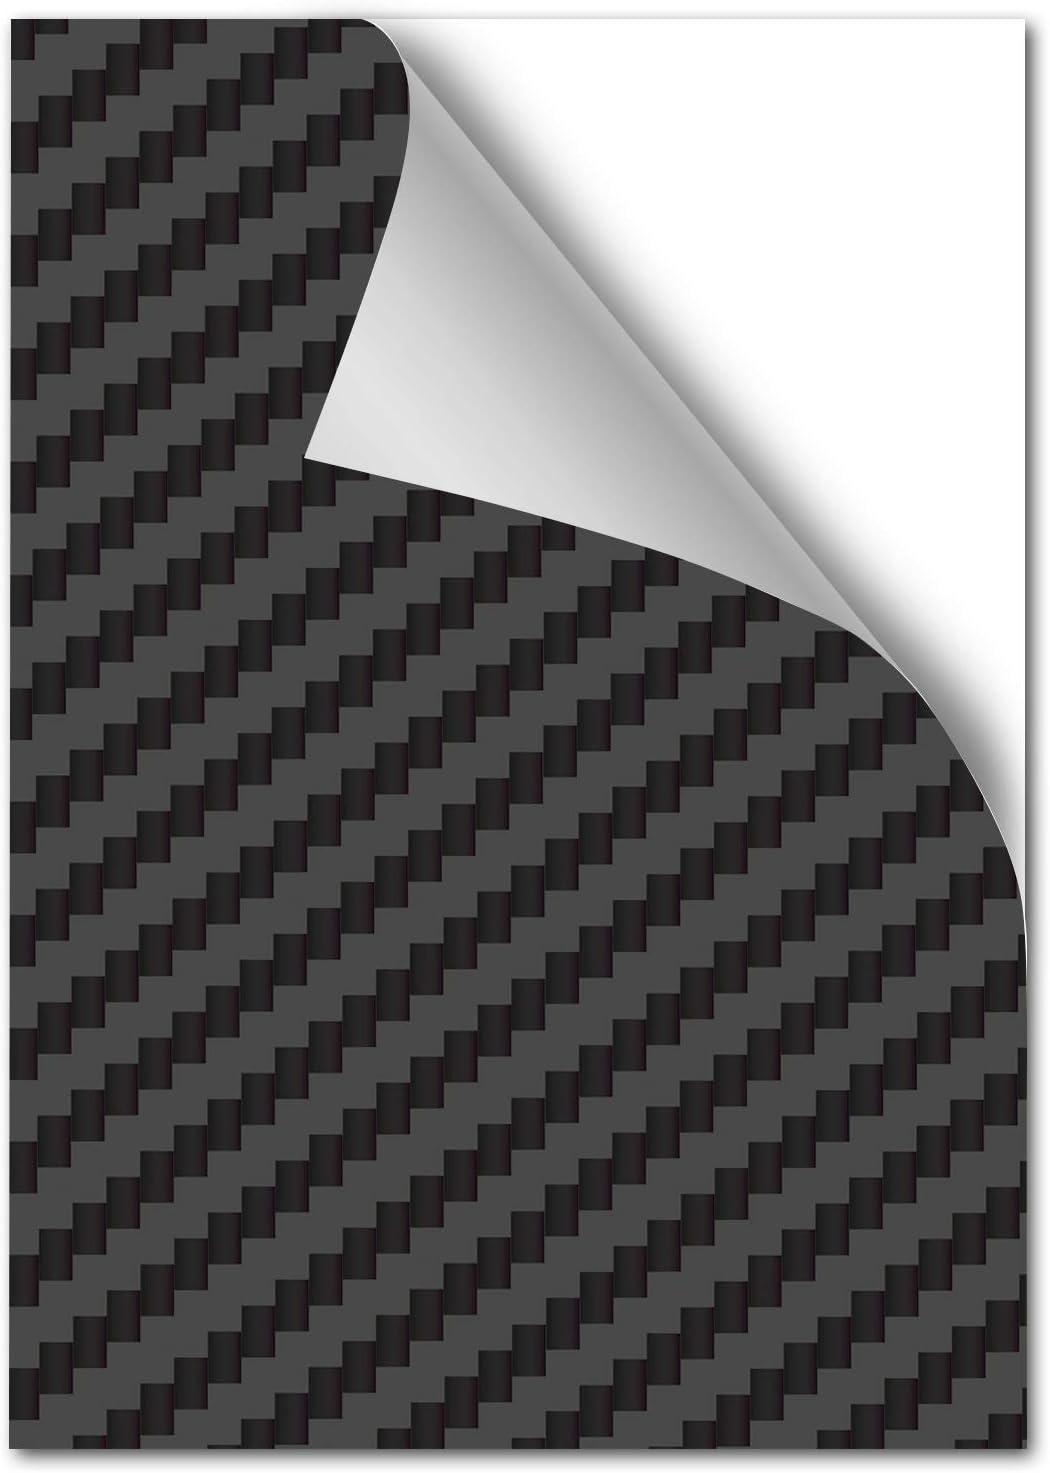 Alphashield 48 23 M Lackschutzfolie Din A4 Format 21x29cm Für Kfz Auto Motorrad Bike Fahrrad Roller Selbstklebend Lack Schutz Vor Steinschlag Folie Carbon 1 X Din A4 Auto